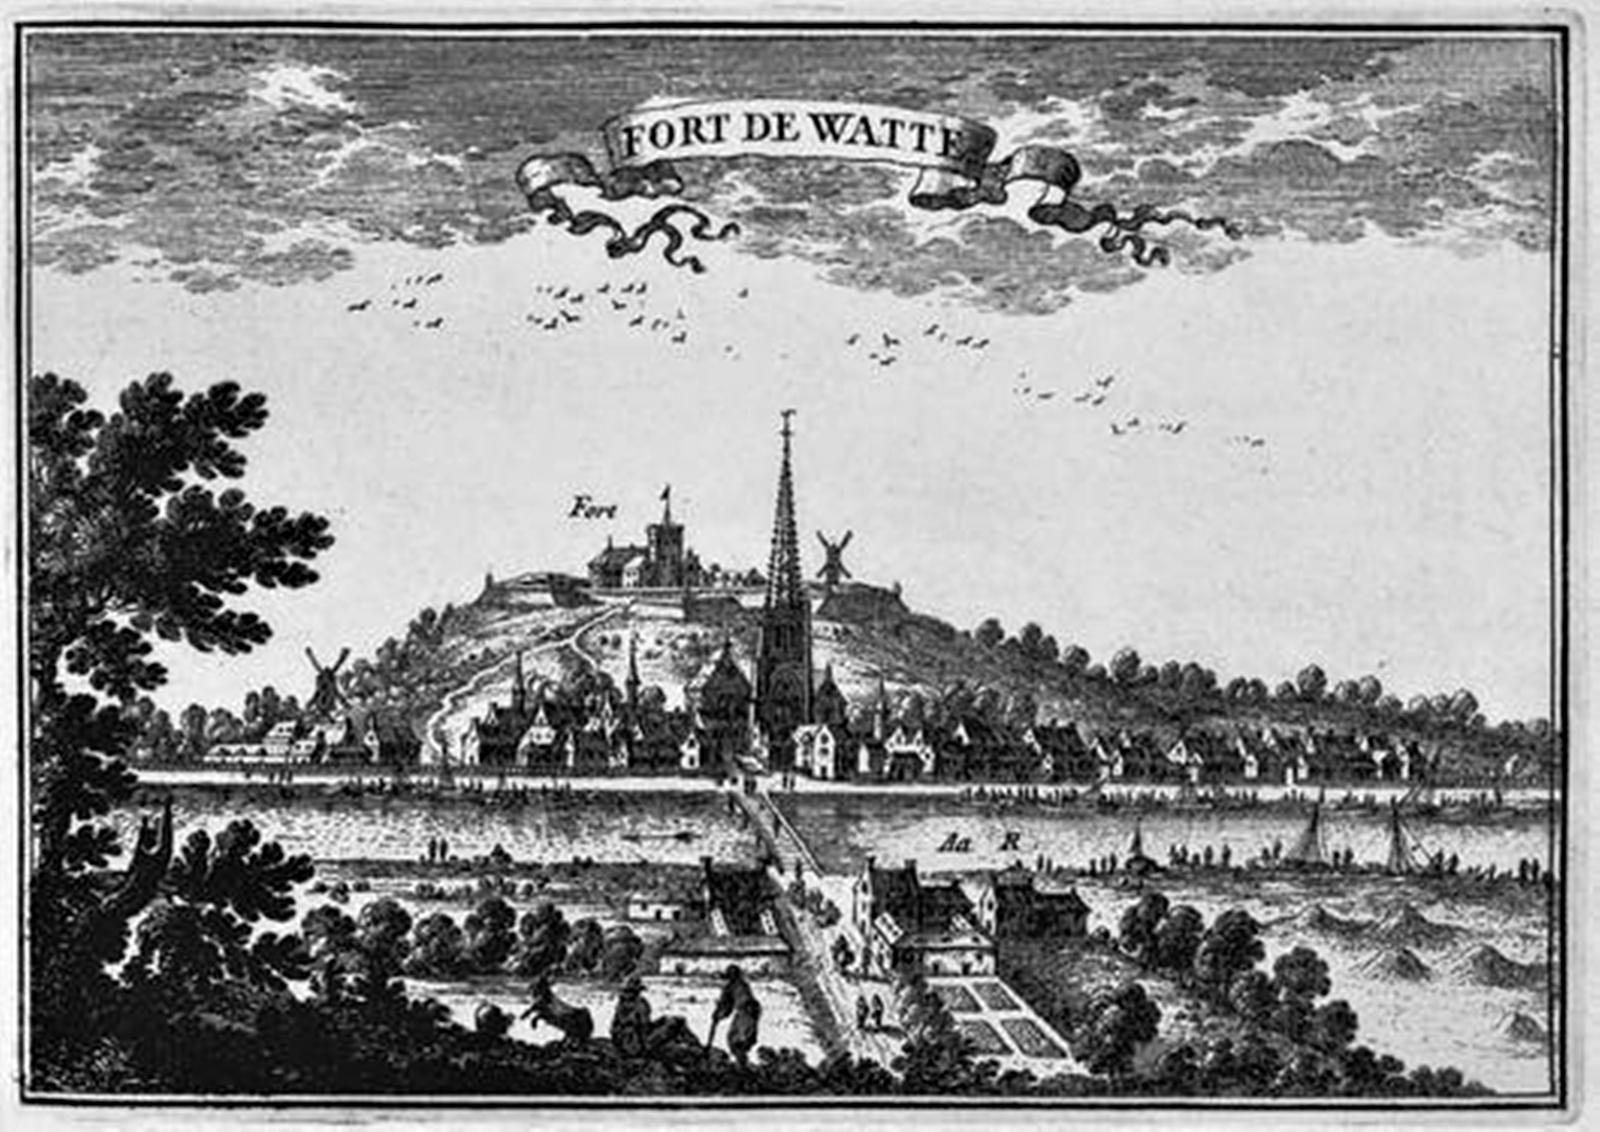 101_Esquisse_1_Chevalier_de_Beaulieu_Fort_de_Watte_1667.jpg